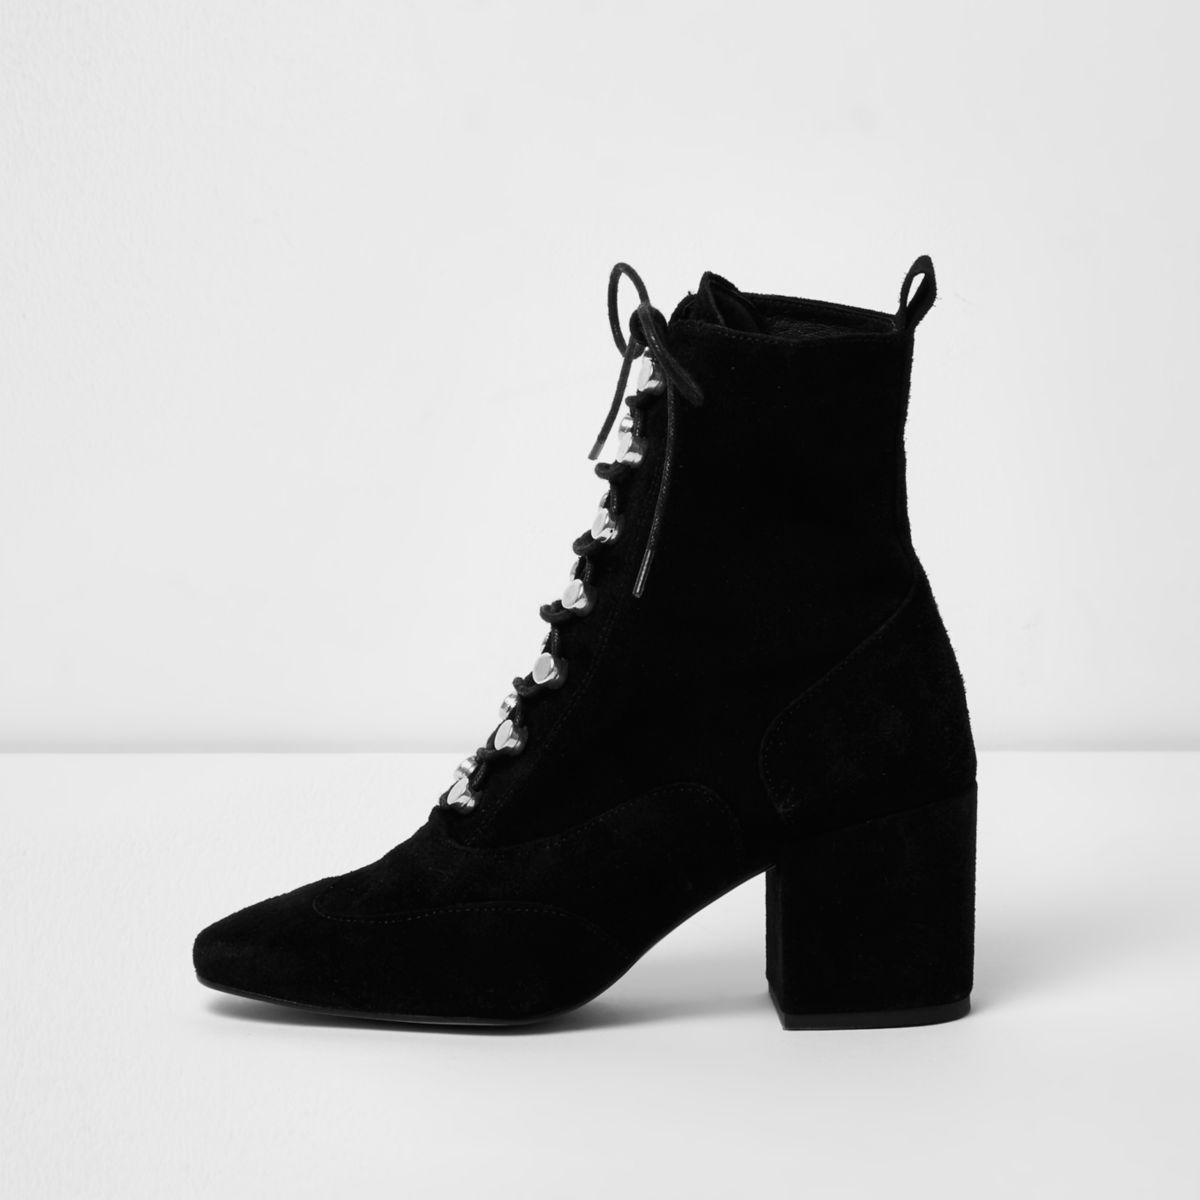 Black suede tie up boots